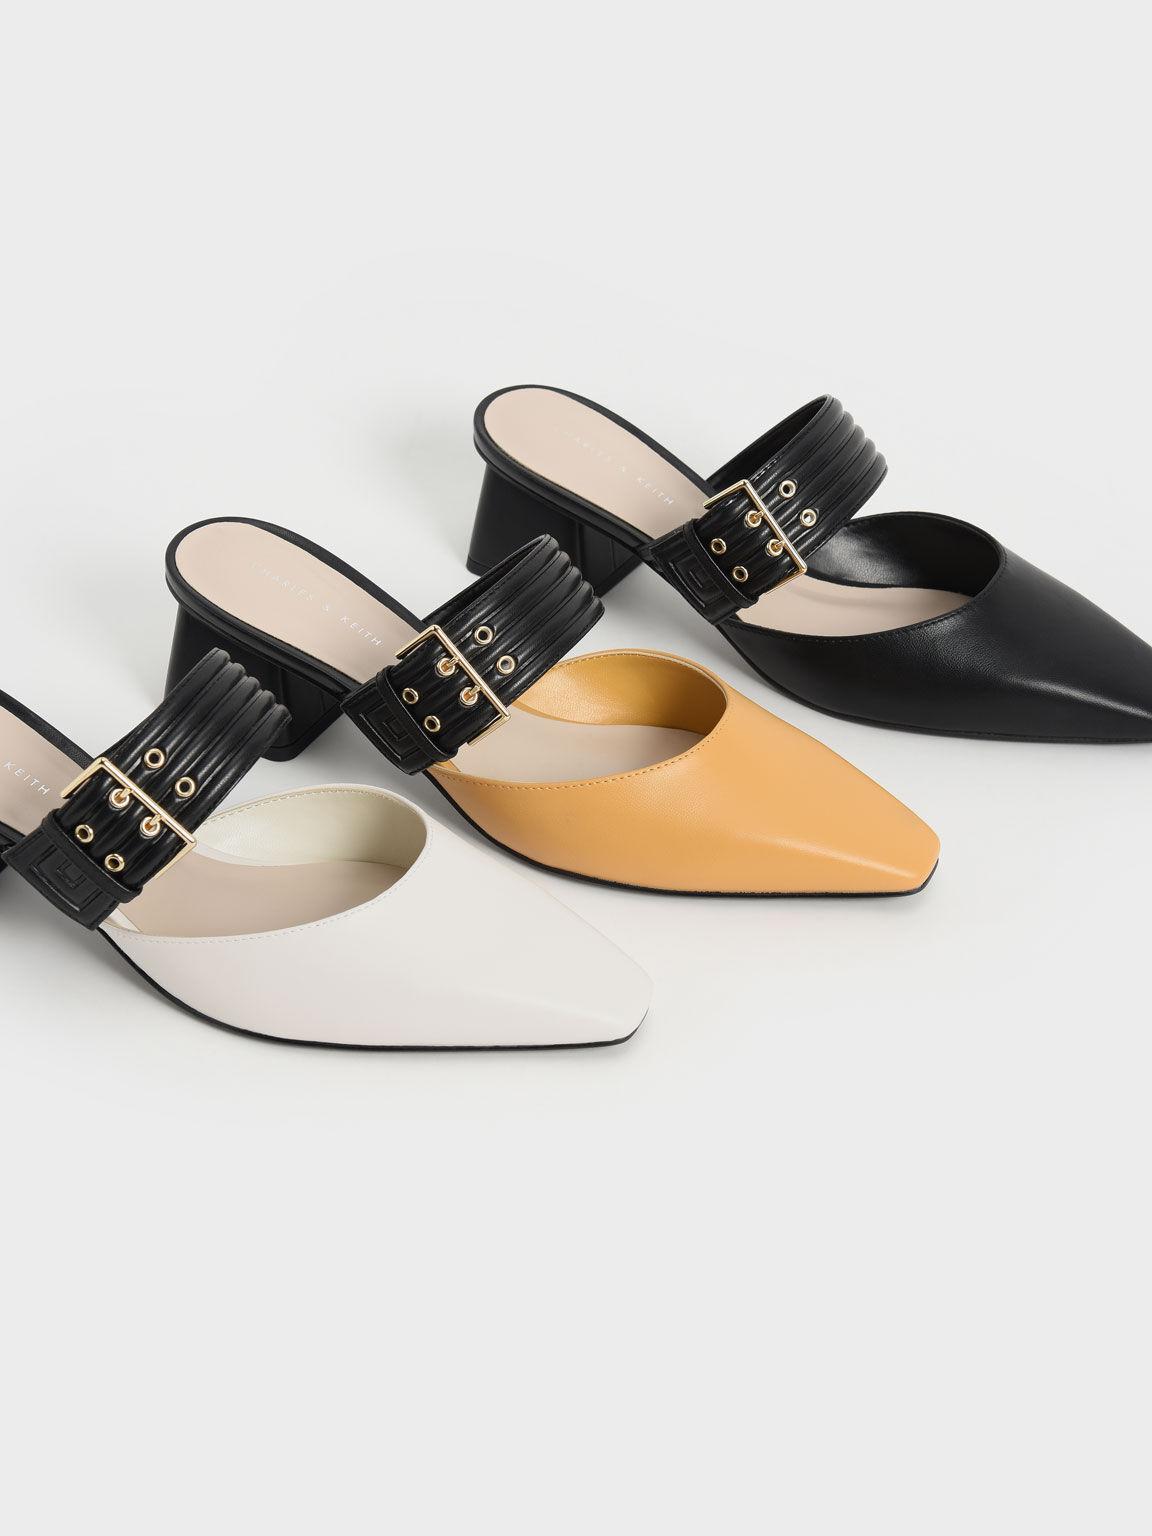 瑪莉珍方釦粗跟鞋, 石灰白, hi-res